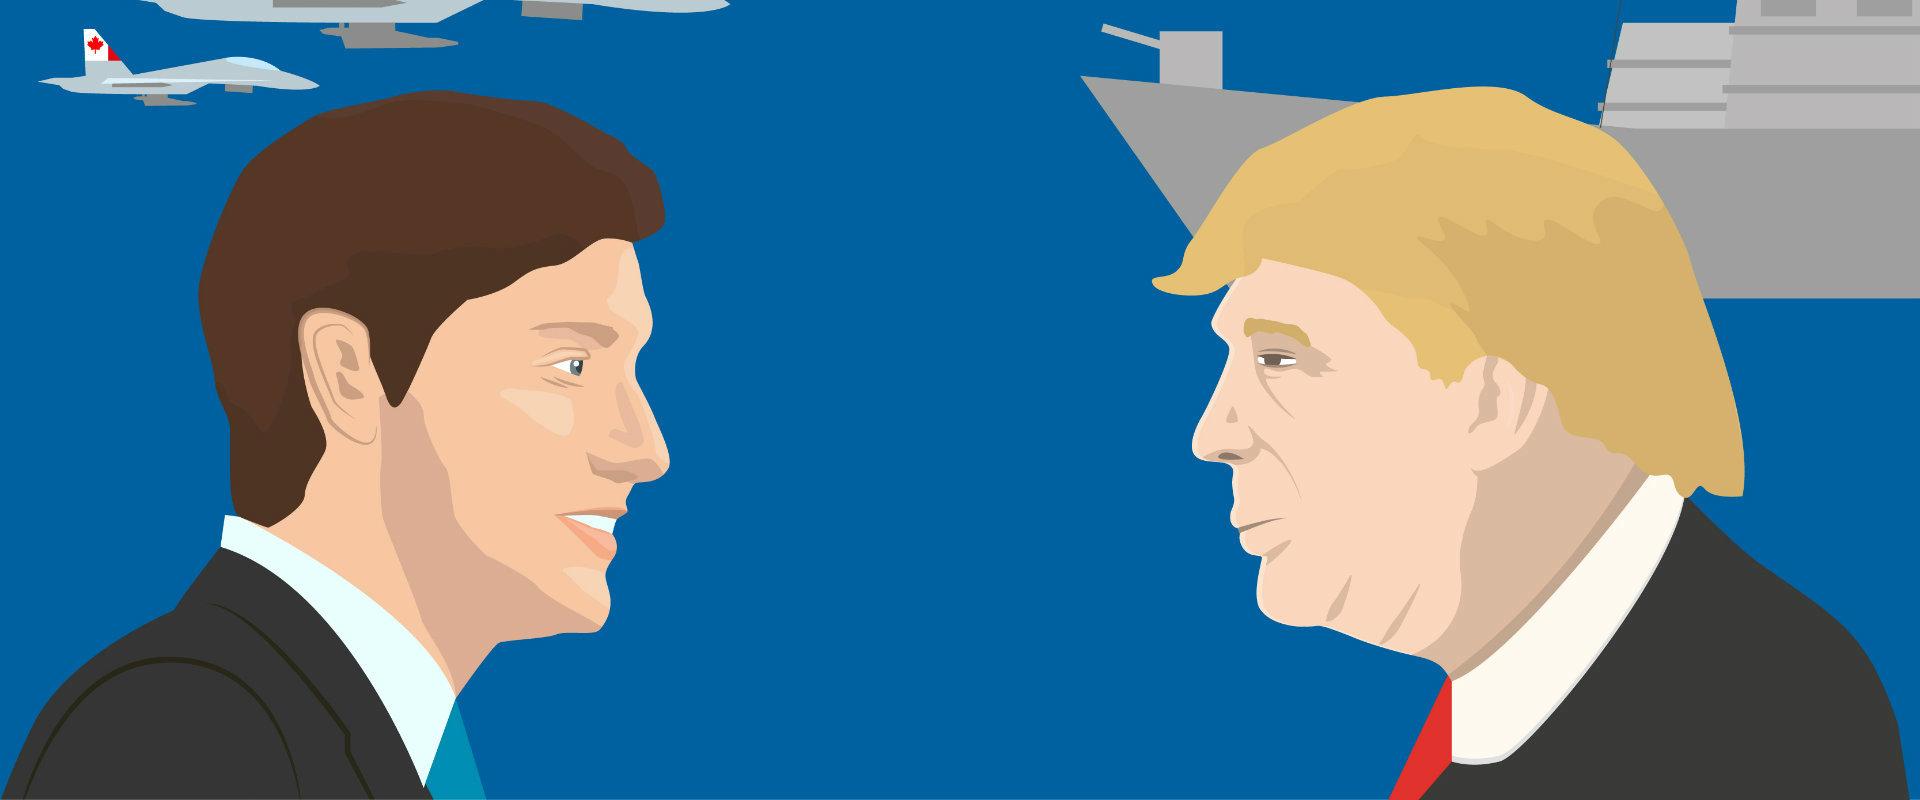 דונלד טראמפ מול ג'סטין טרודו